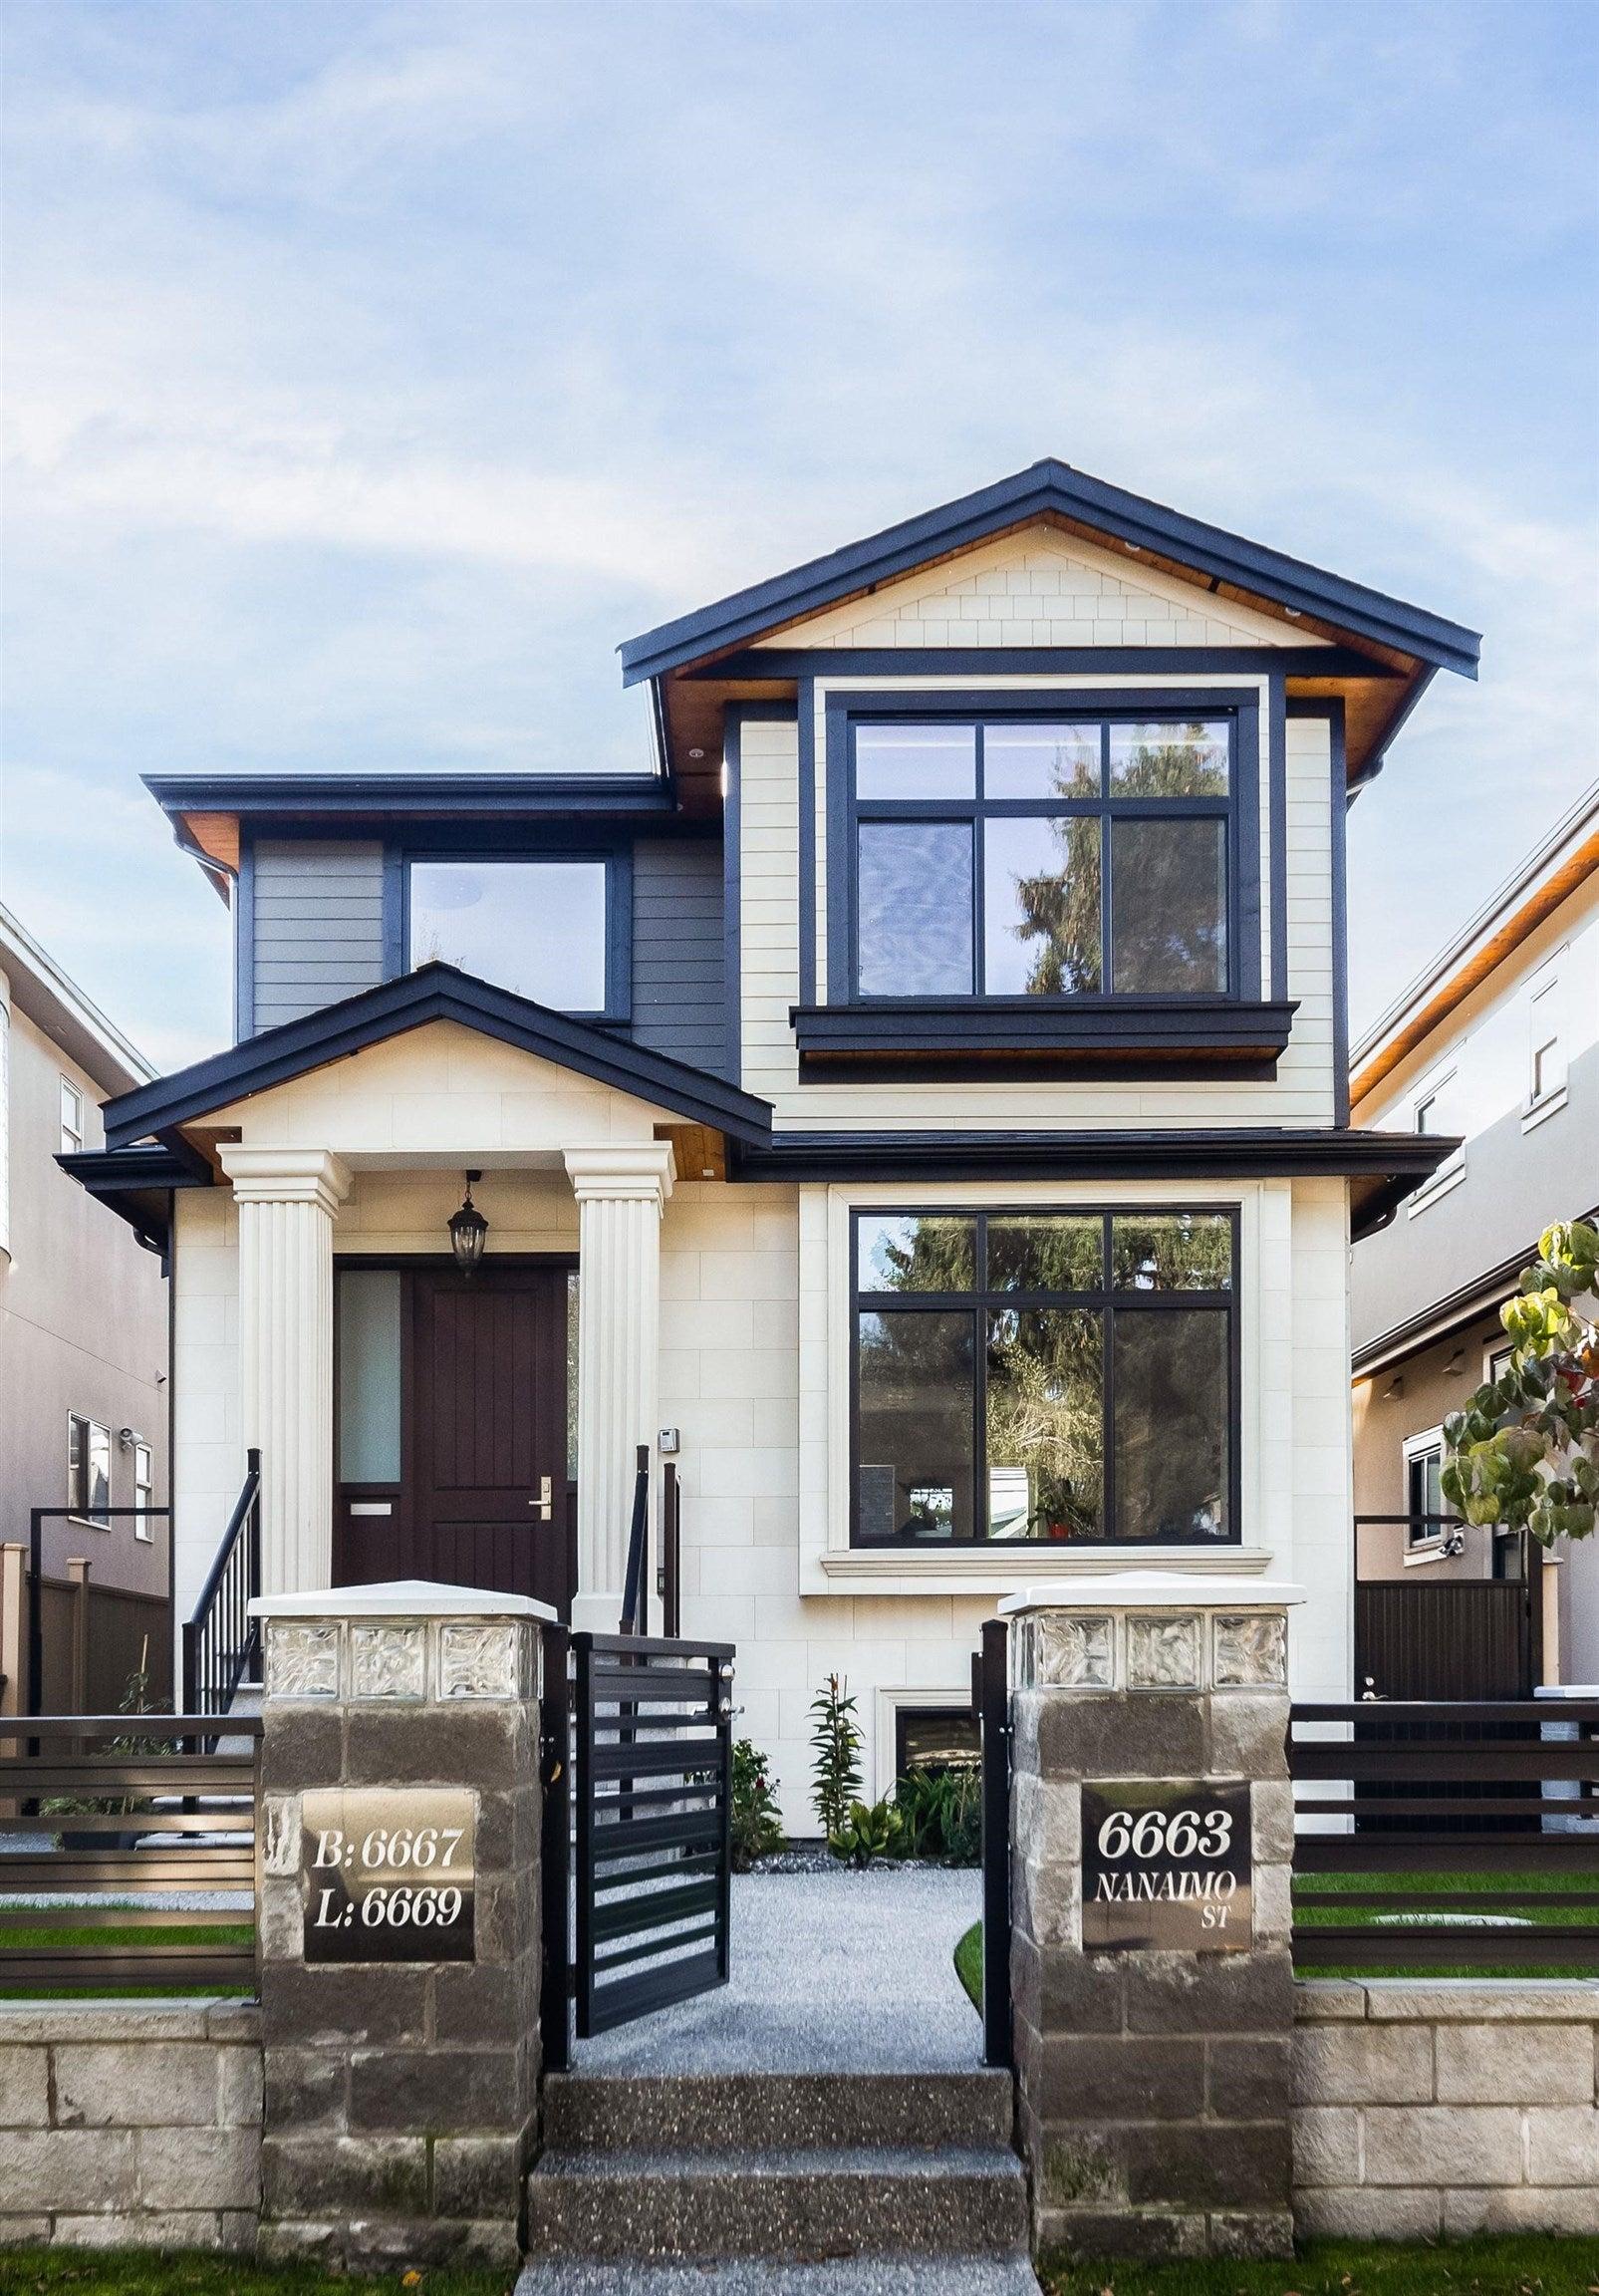 6663 NANAIMO STREET - Killarney VE House/Single Family for sale, 8 Bedrooms (R2622923) - #1